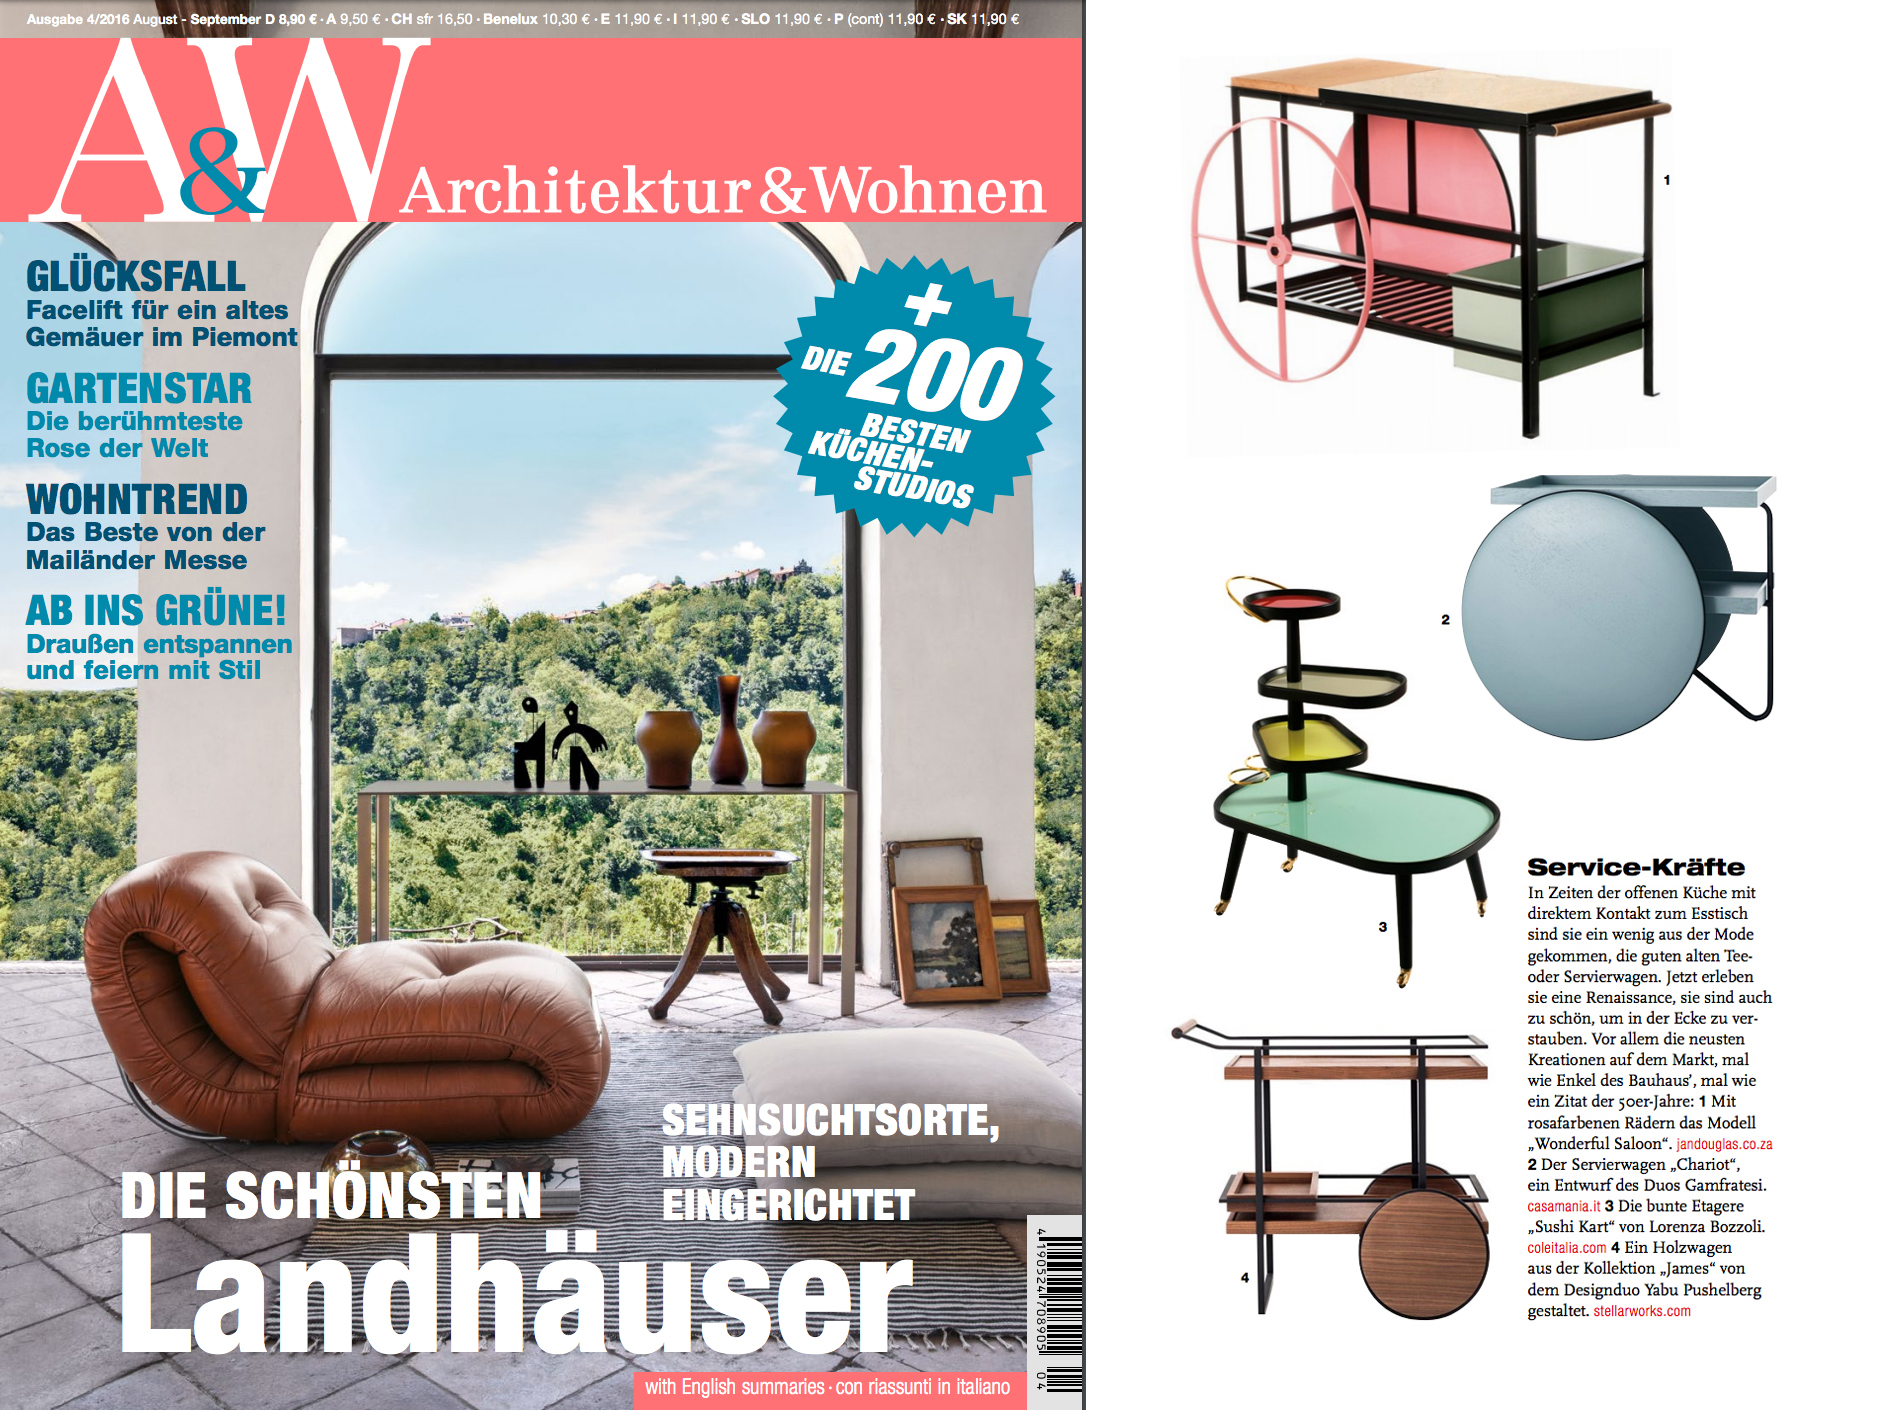 Architectur&Wohnen 2016_1.jpg